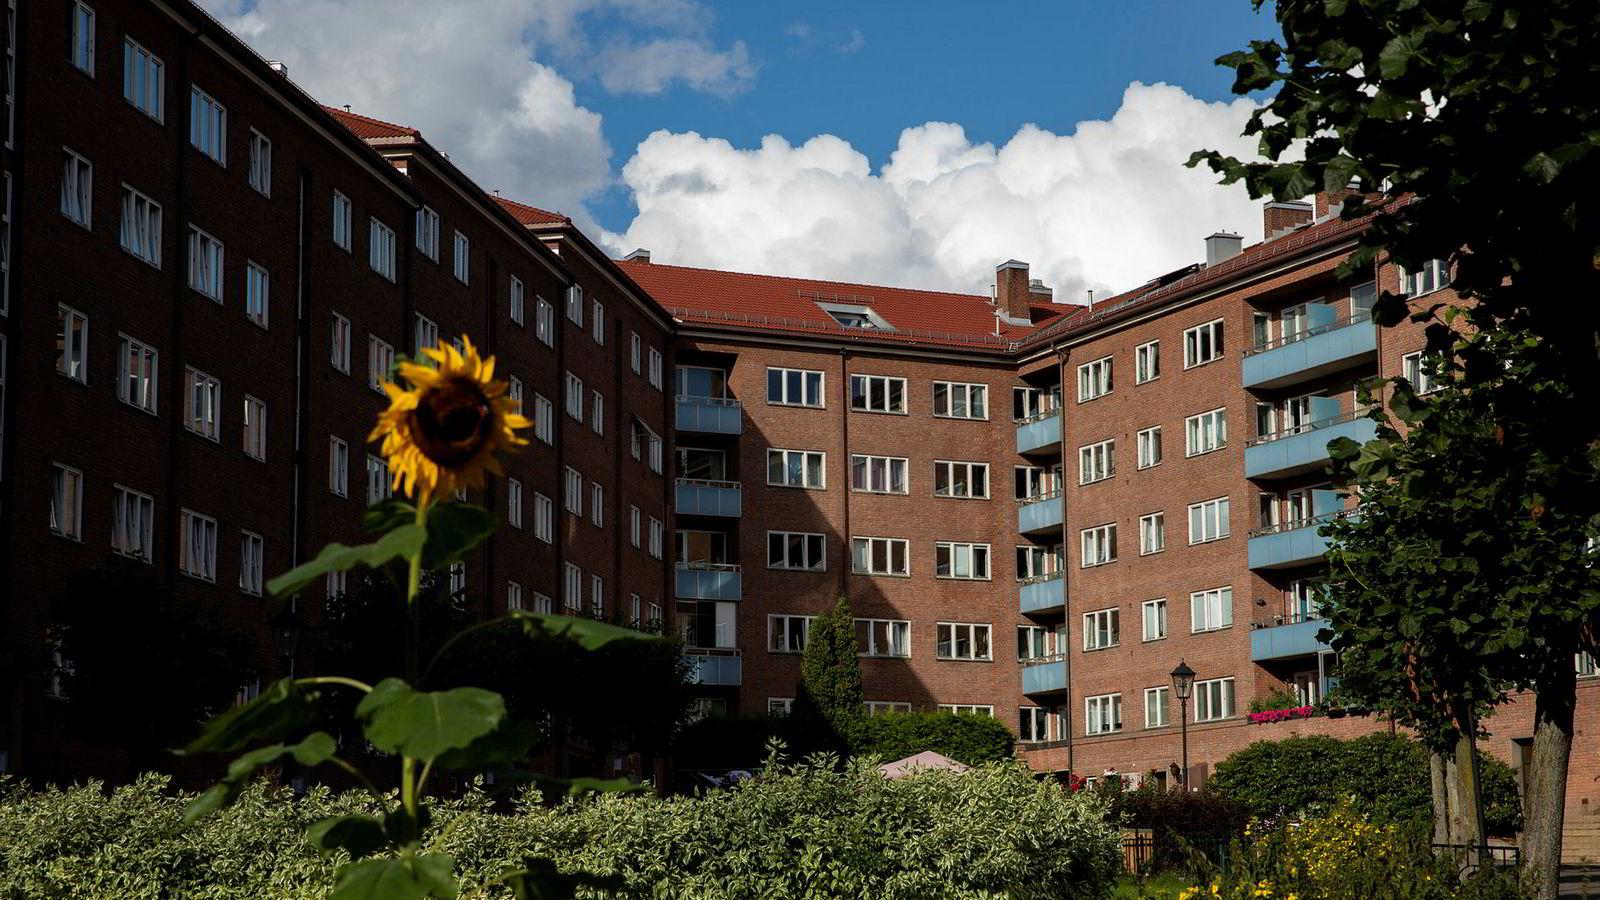 Finanstilsynet at foreslår at forskriftsreguleringen av boliglån videreføres og at kravene i boliglånsforskriften strammes inn.